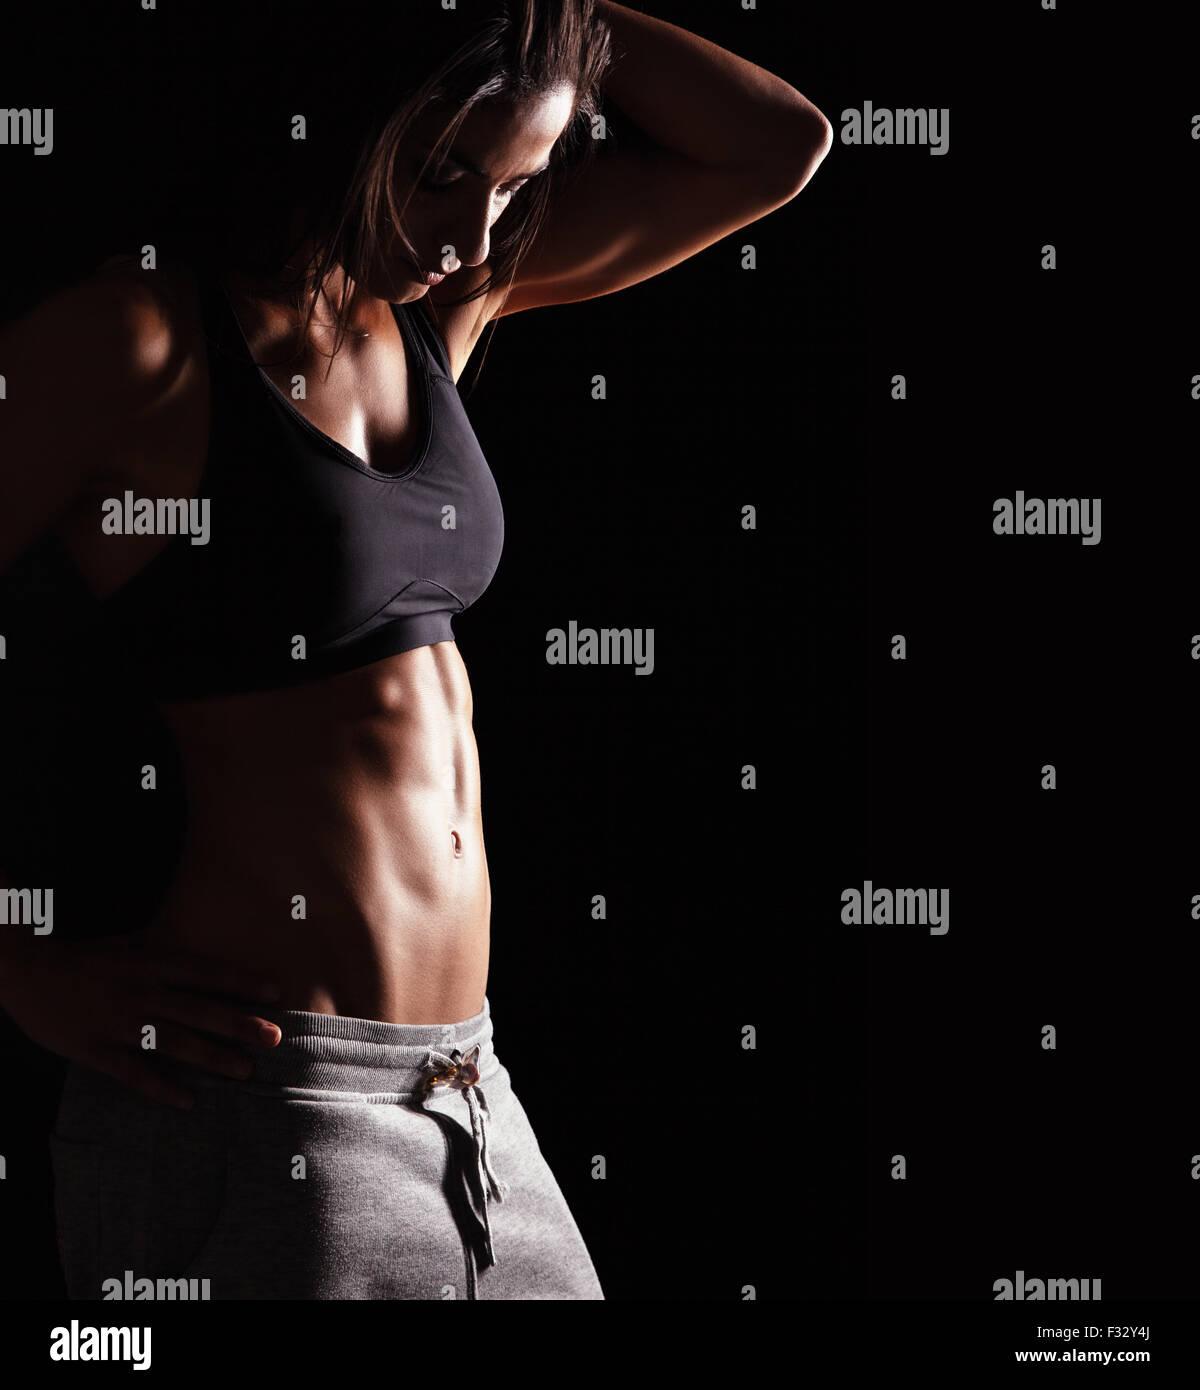 Imagen de mujer fitness en ropa deportiva mirando hacia abajo. Las hembras jóvenes de modelo con cuerpo musculoso. Imagen De Stock